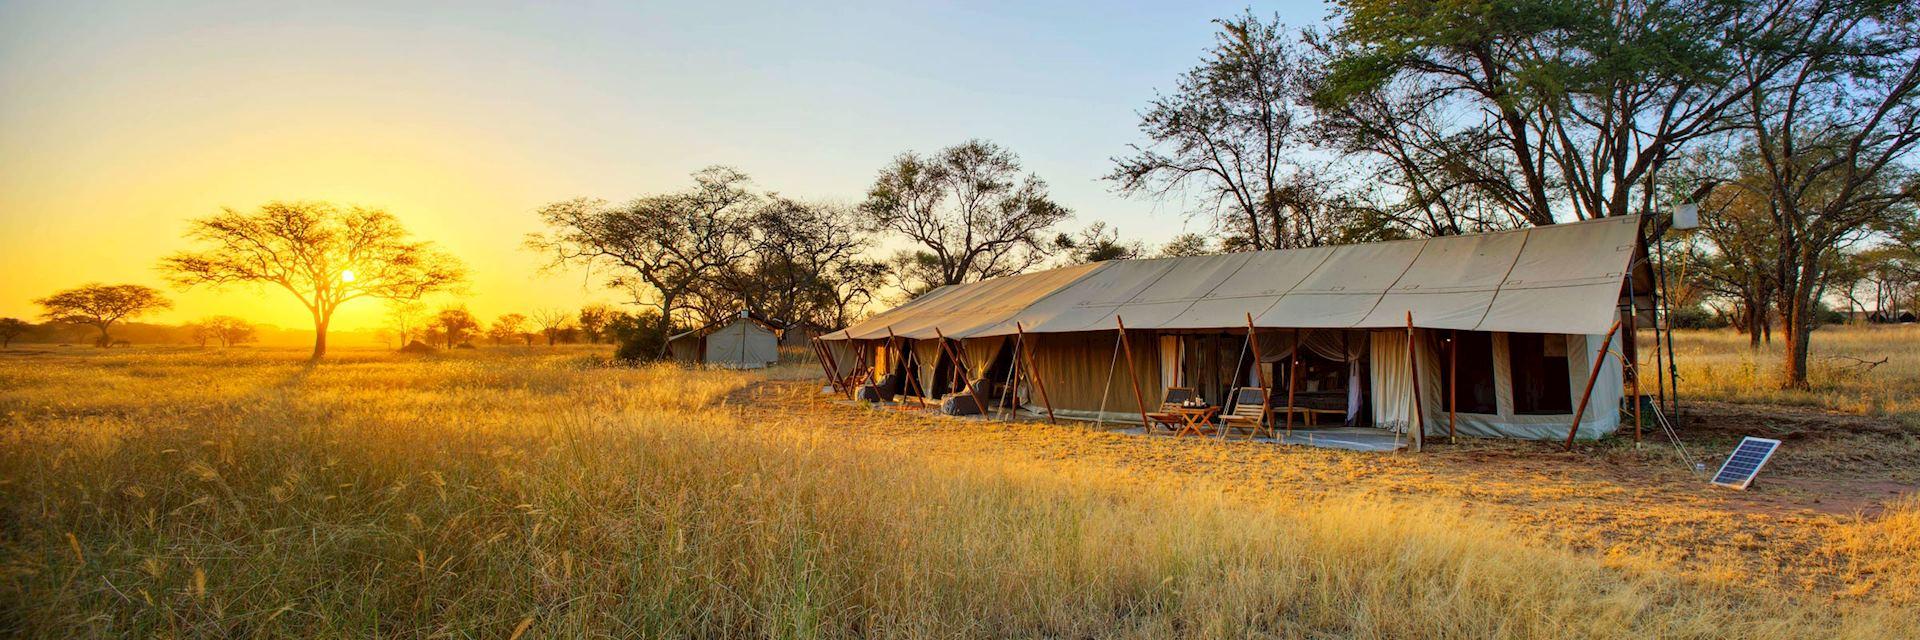 Ubuntu Mobile Camp, Tanzania